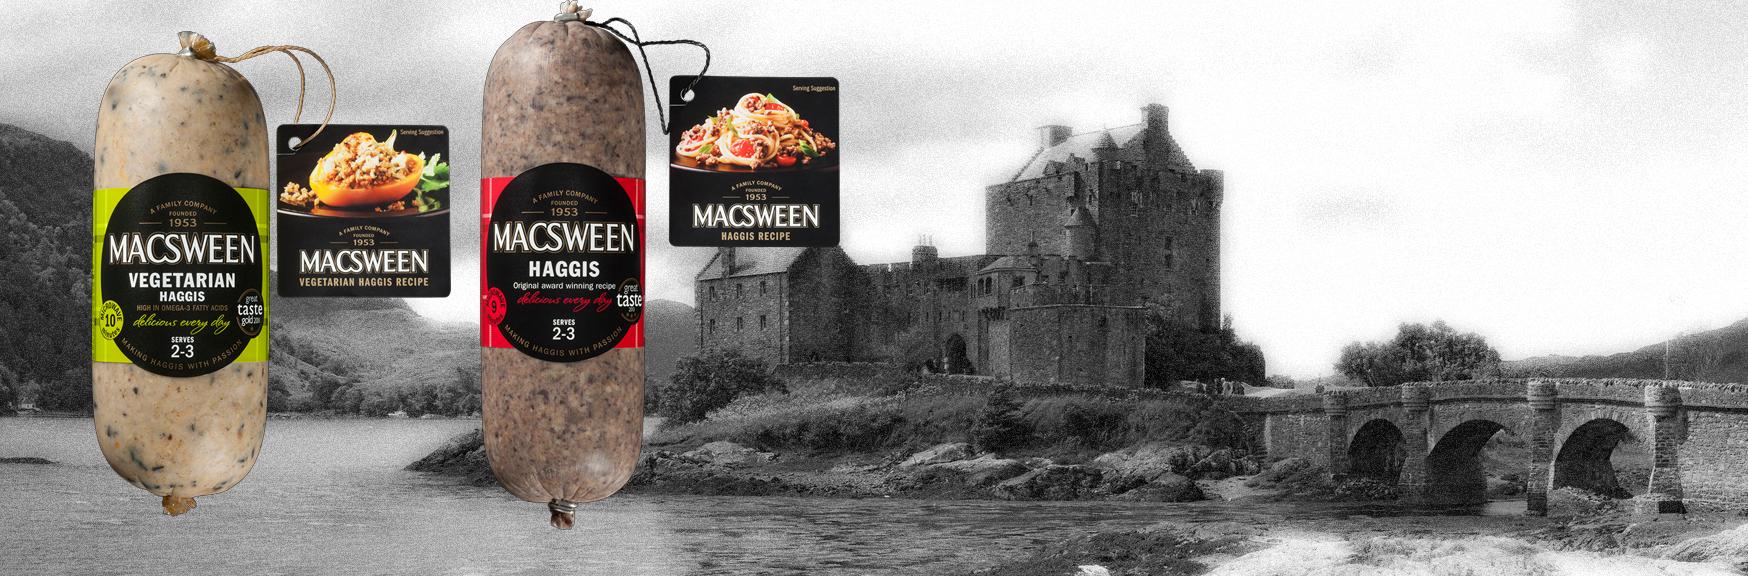 huk - Macsween/Eilean Castle